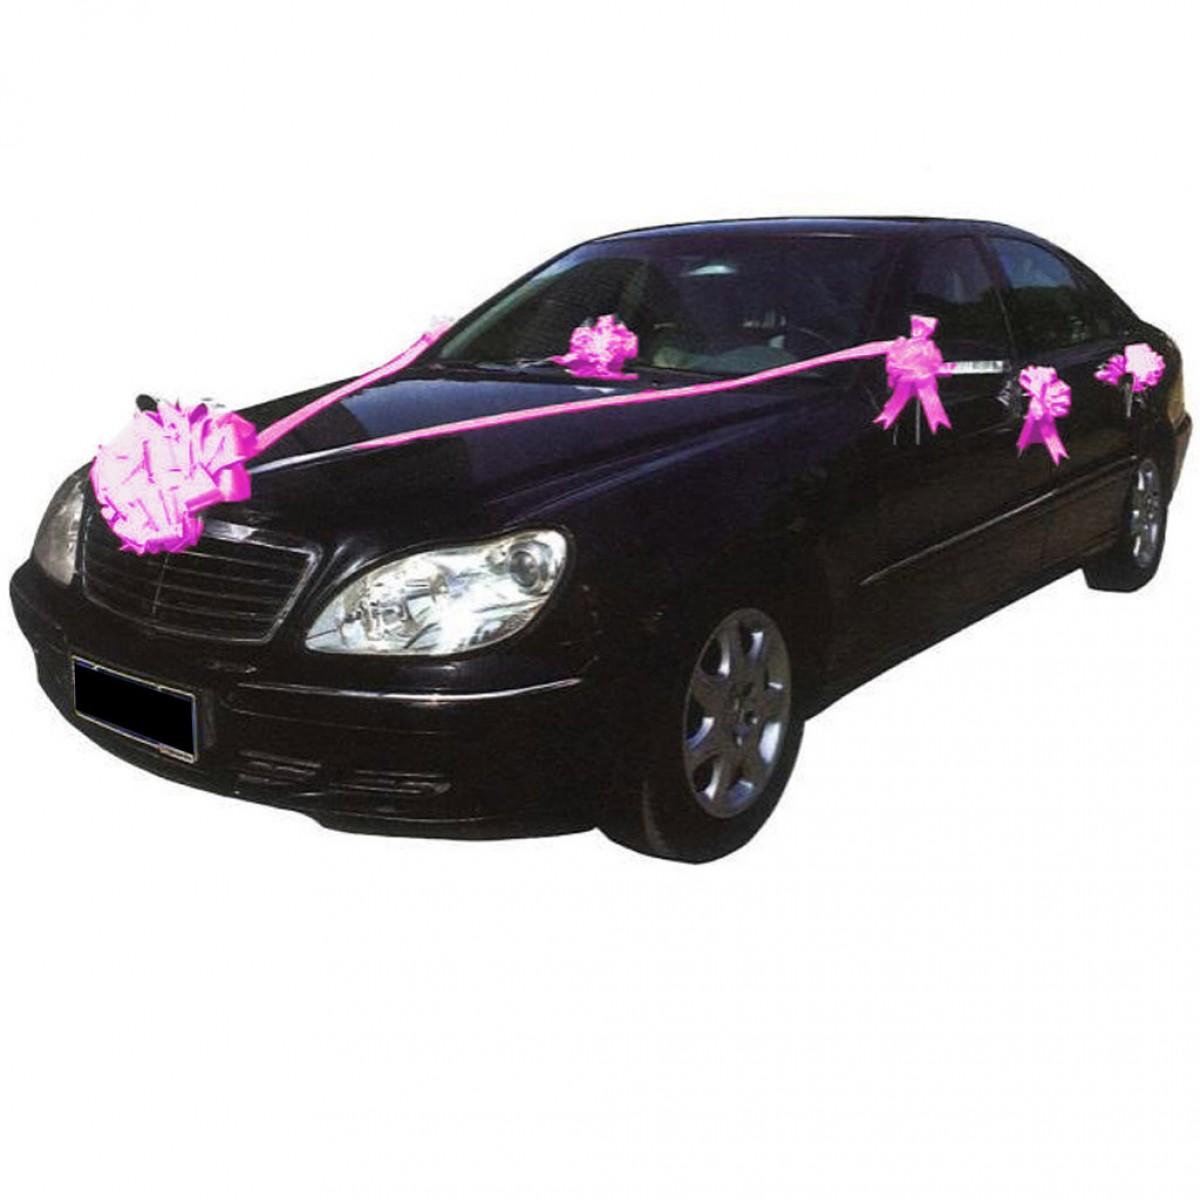 kit deco voiture mariage gifi u car 33. Black Bedroom Furniture Sets. Home Design Ideas